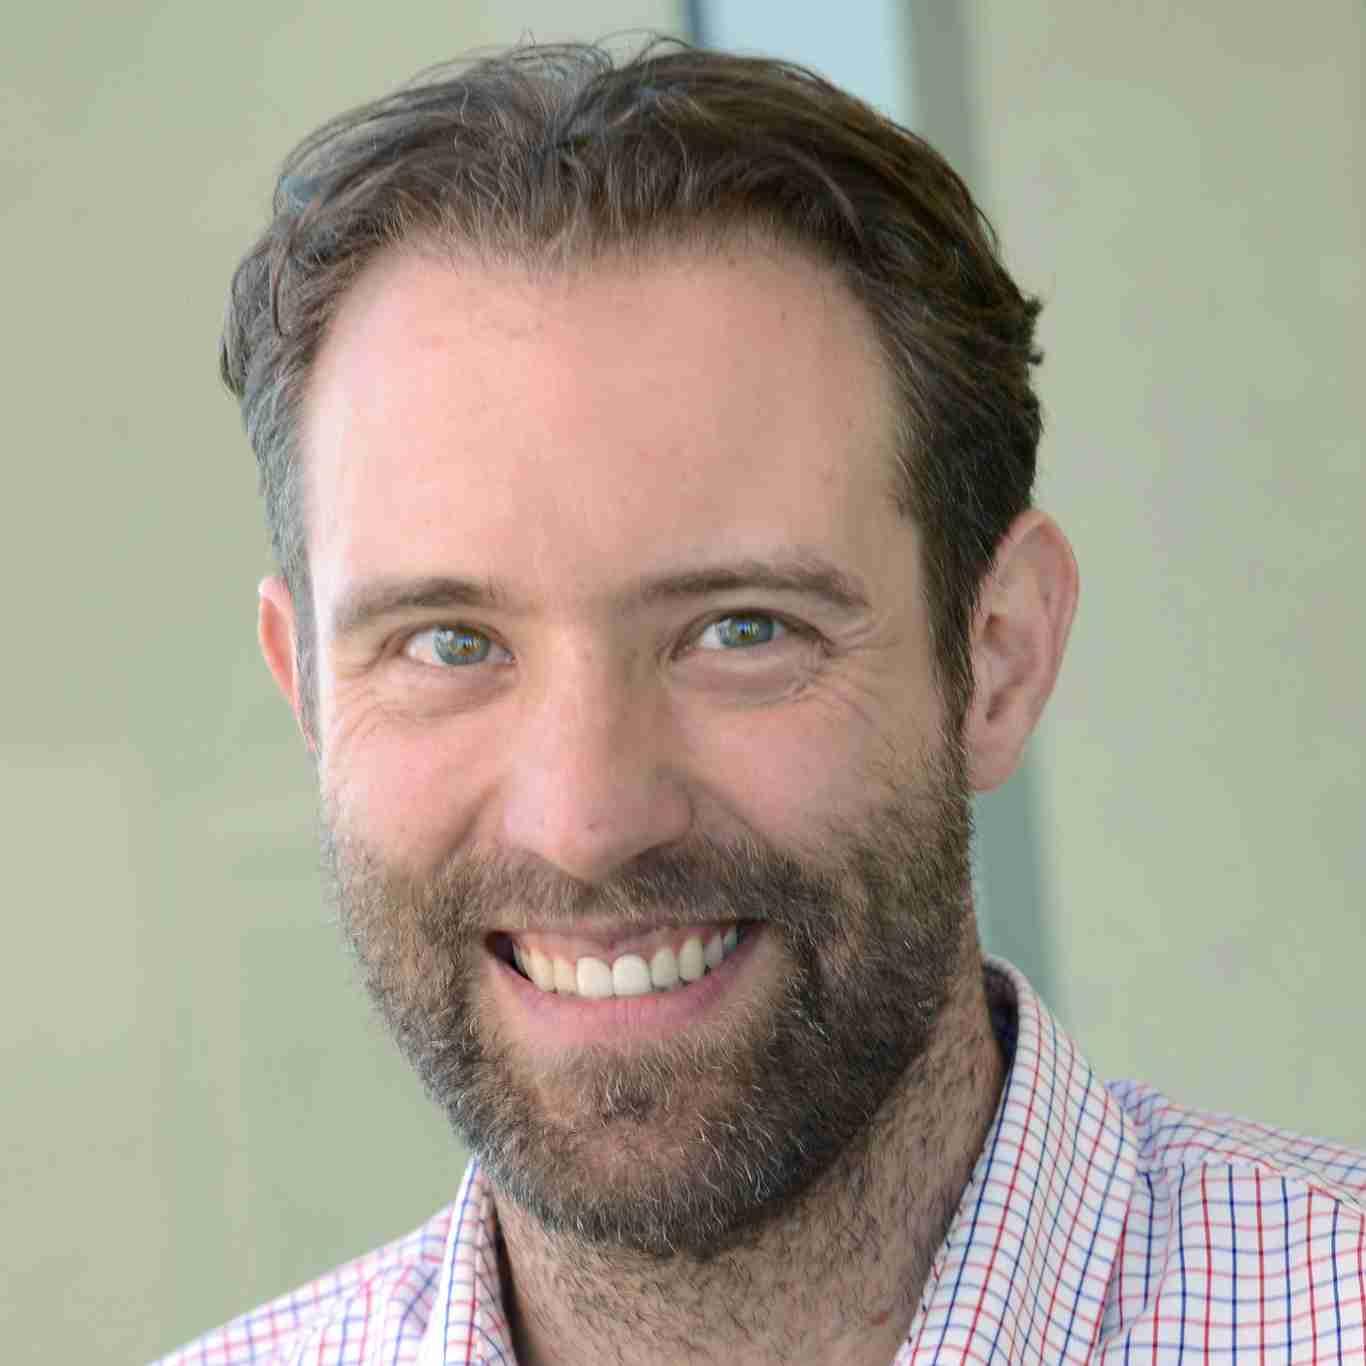 Erik Welf